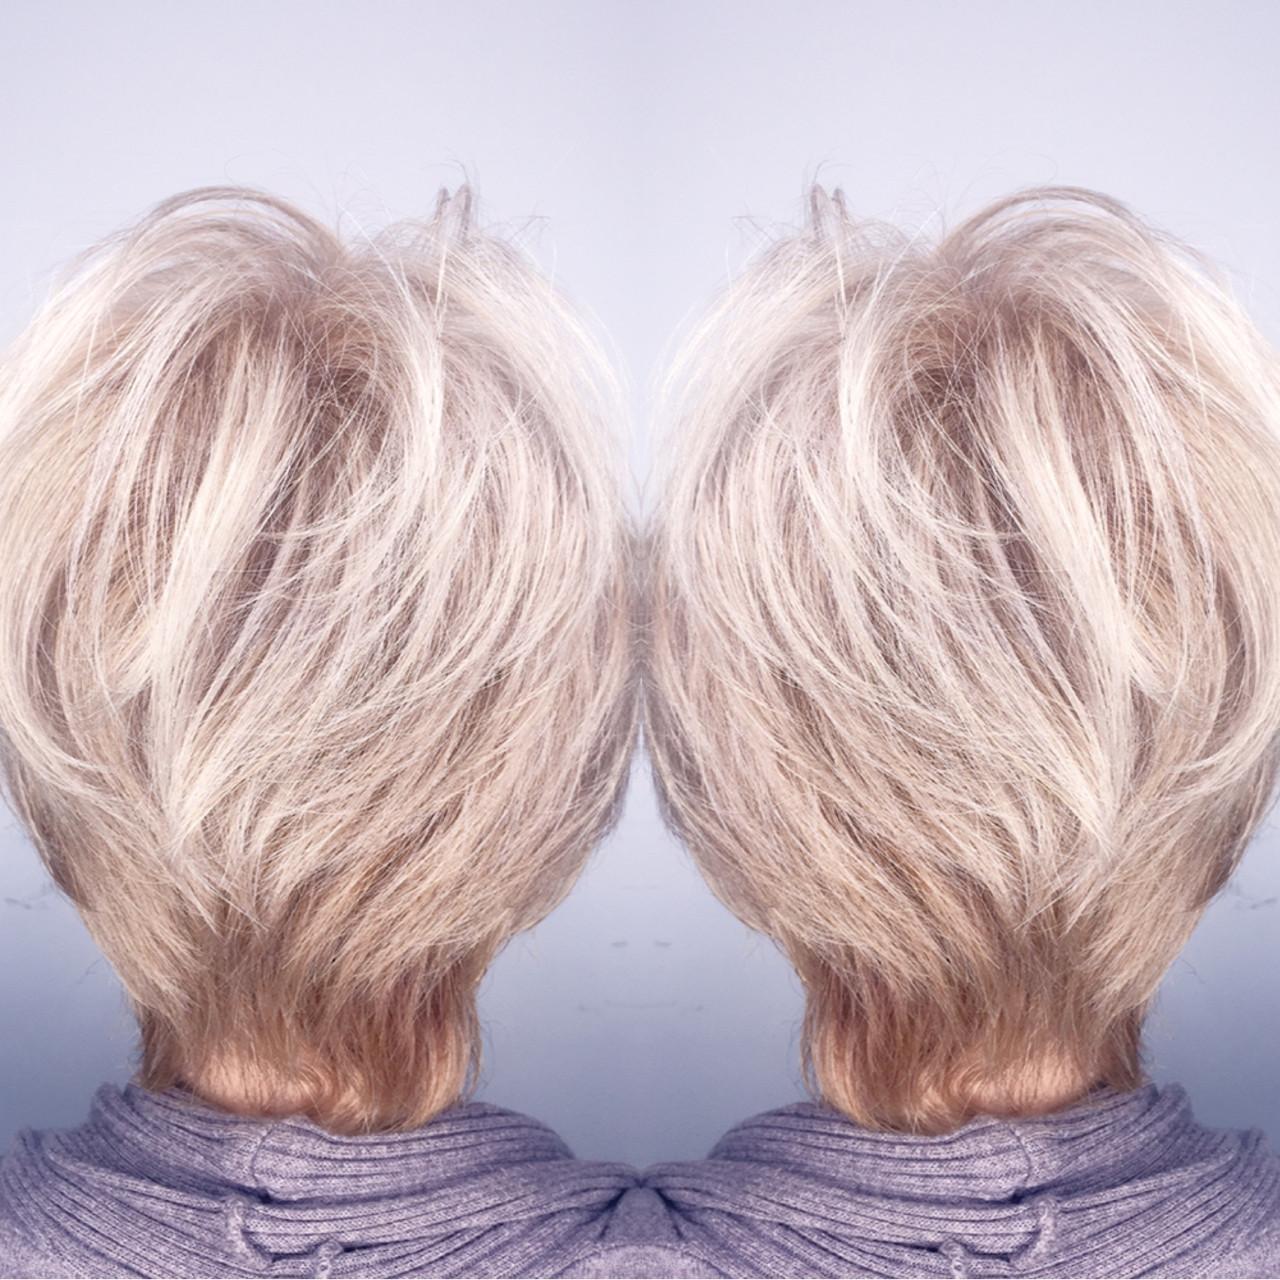 グレージュ 外国人風 モード アッシュ ヘアスタイルや髪型の写真・画像